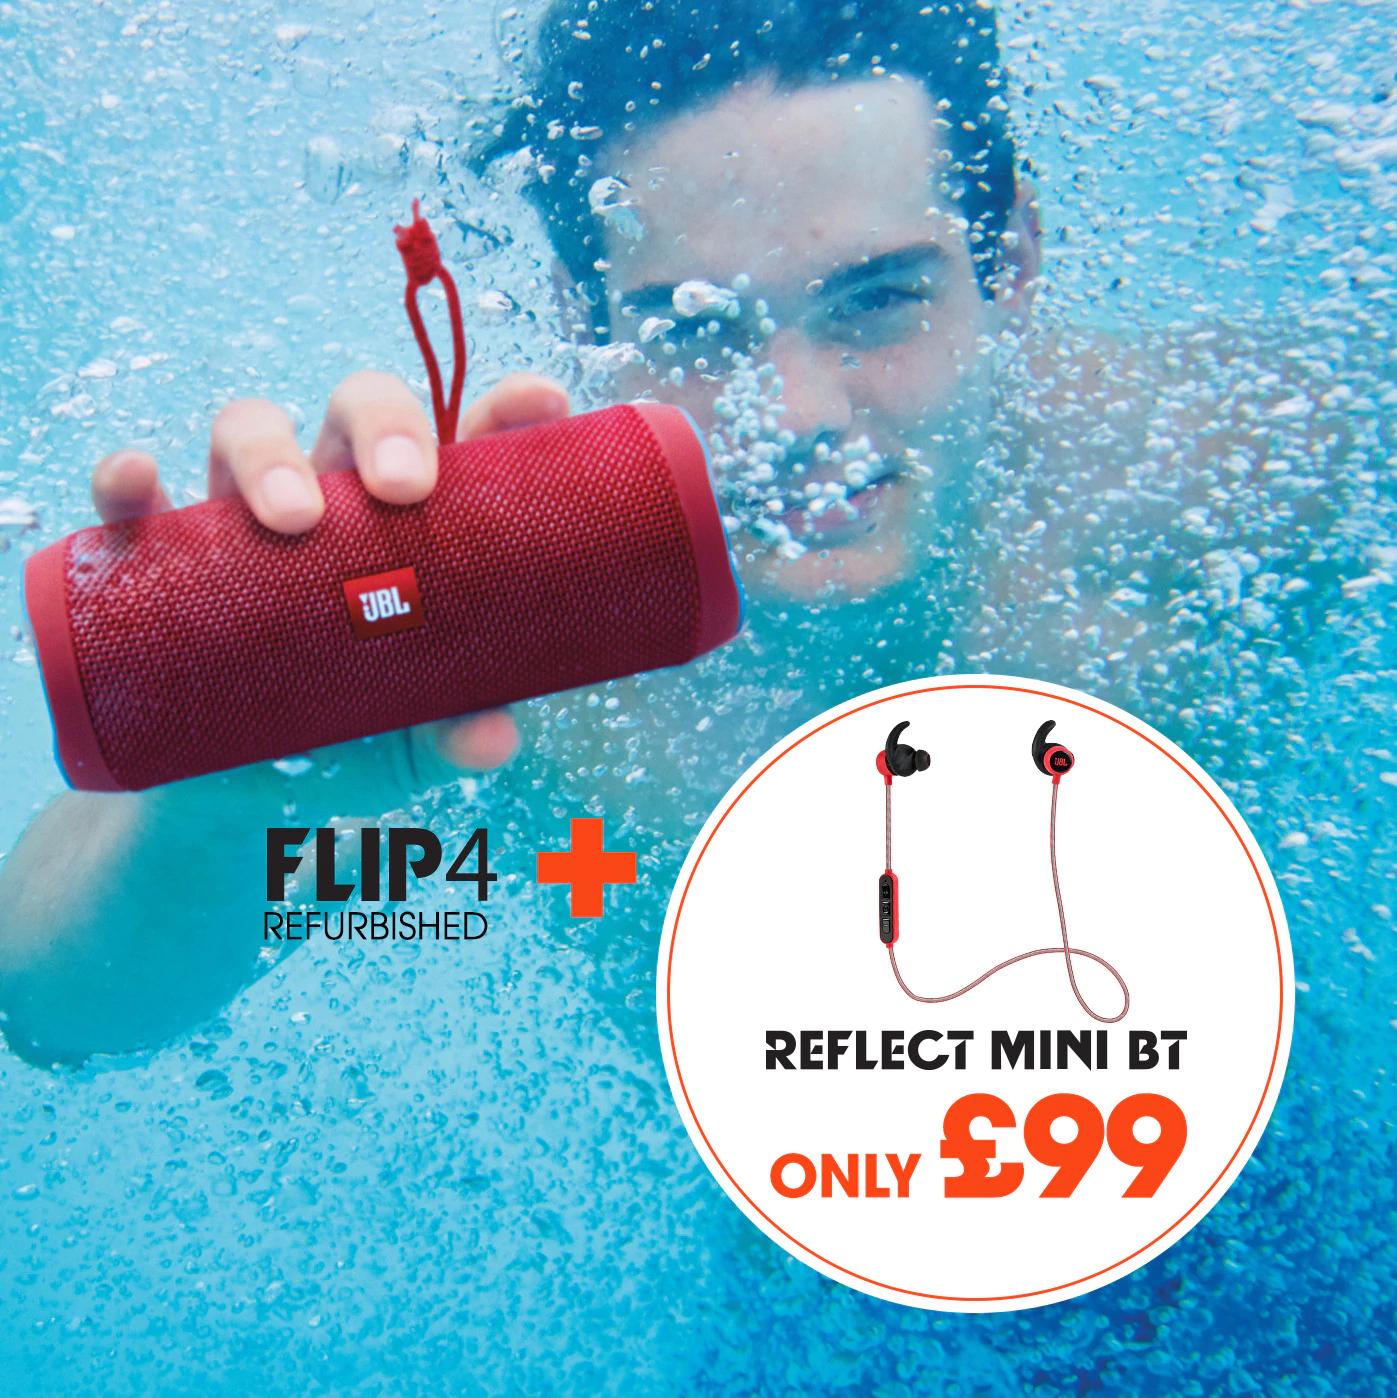 Bluetooth speaker JBL Flip 4 (refurbished) + earphones for £99 or JBL Flip 4 for £67.49